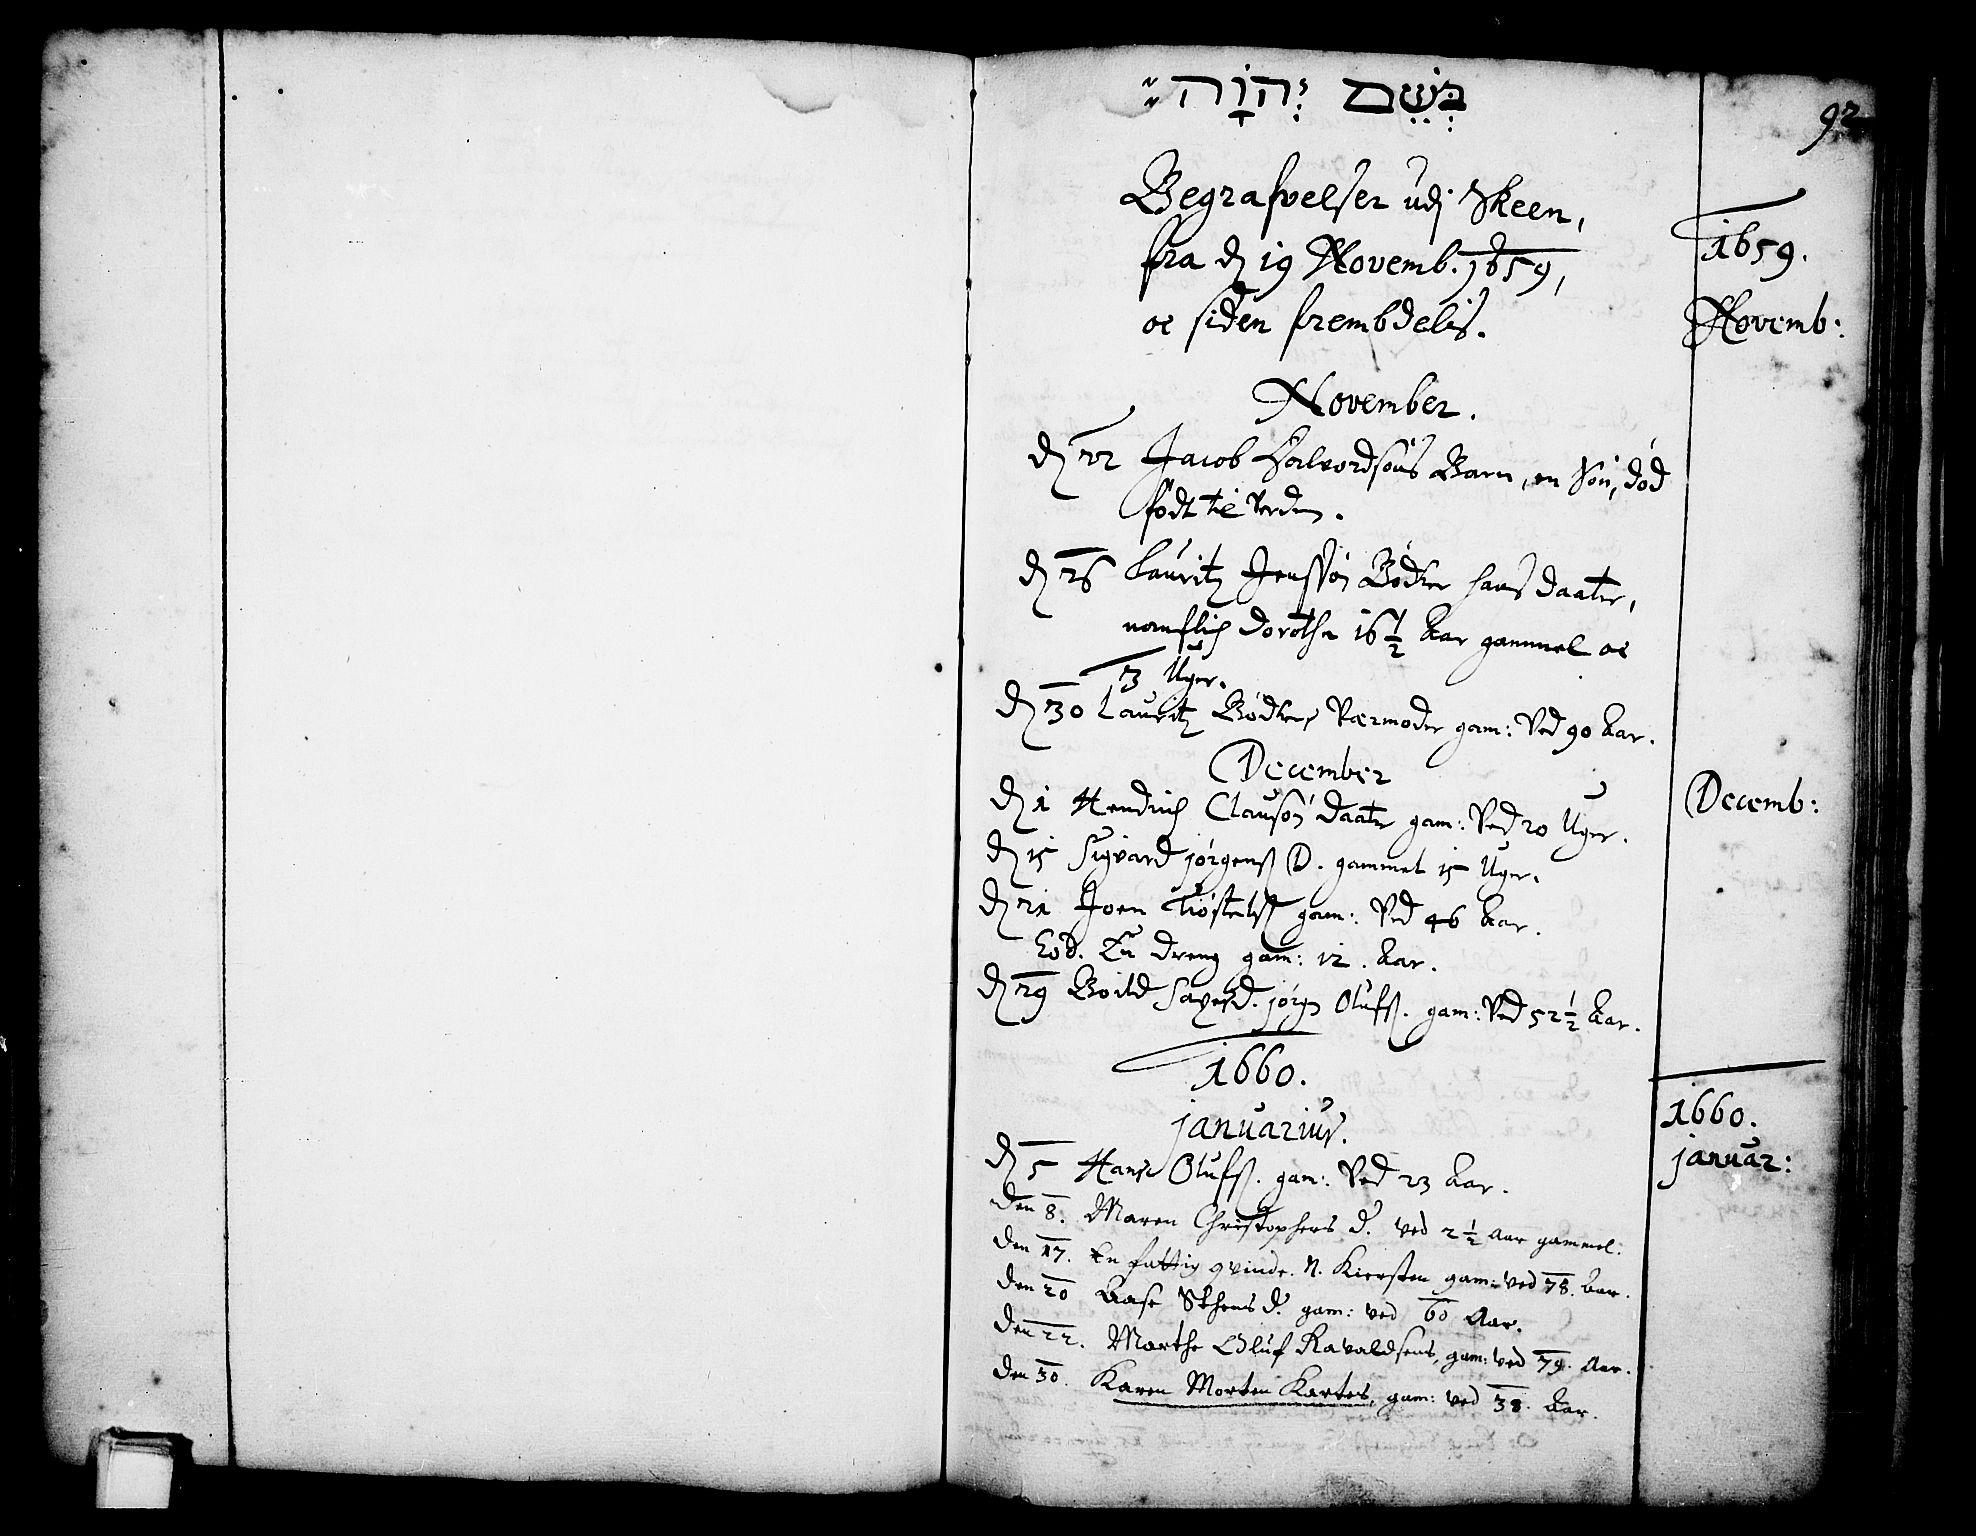 SAKO, Skien kirkebøker, F/Fa/L0001: Ministerialbok nr. 1, 1659-1679, s. 92